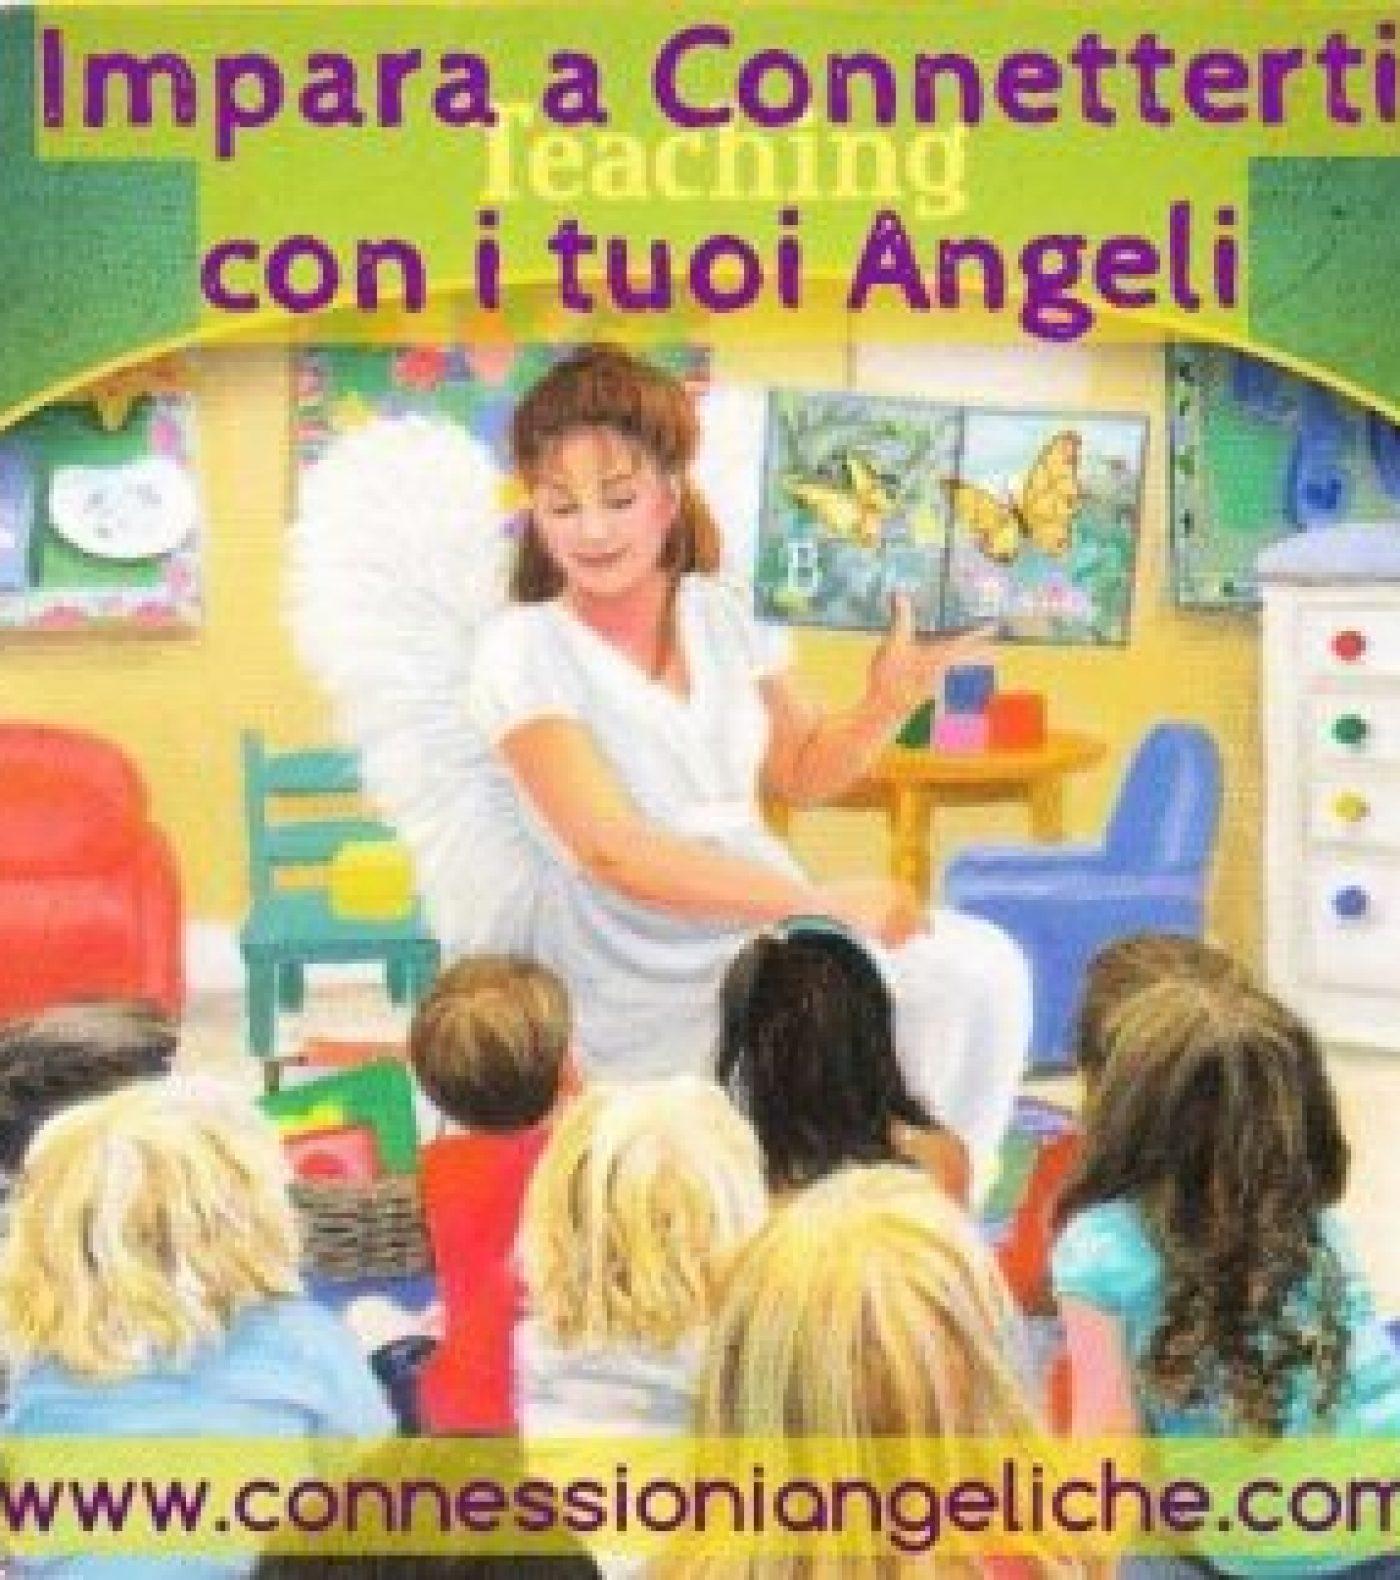 SEMINARIO – COACHING ONE TO ONE DA CASA CONNETTITI CON I TUOI ANGELI: Impara ad Ascoltare, Sentire, Udire, Percepire e Canalizzare i Messaggi dei tuoi Angeli.